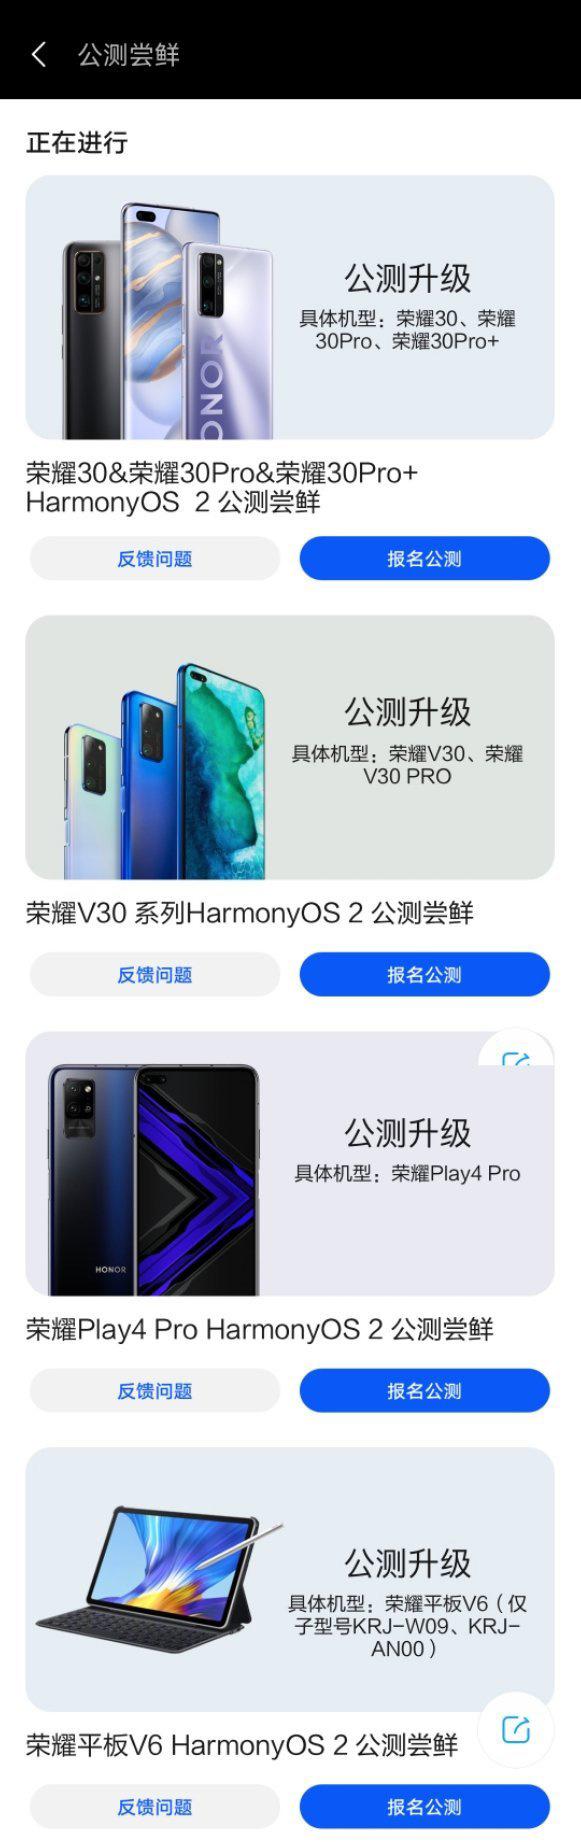 HarmonyOS Honor devices update